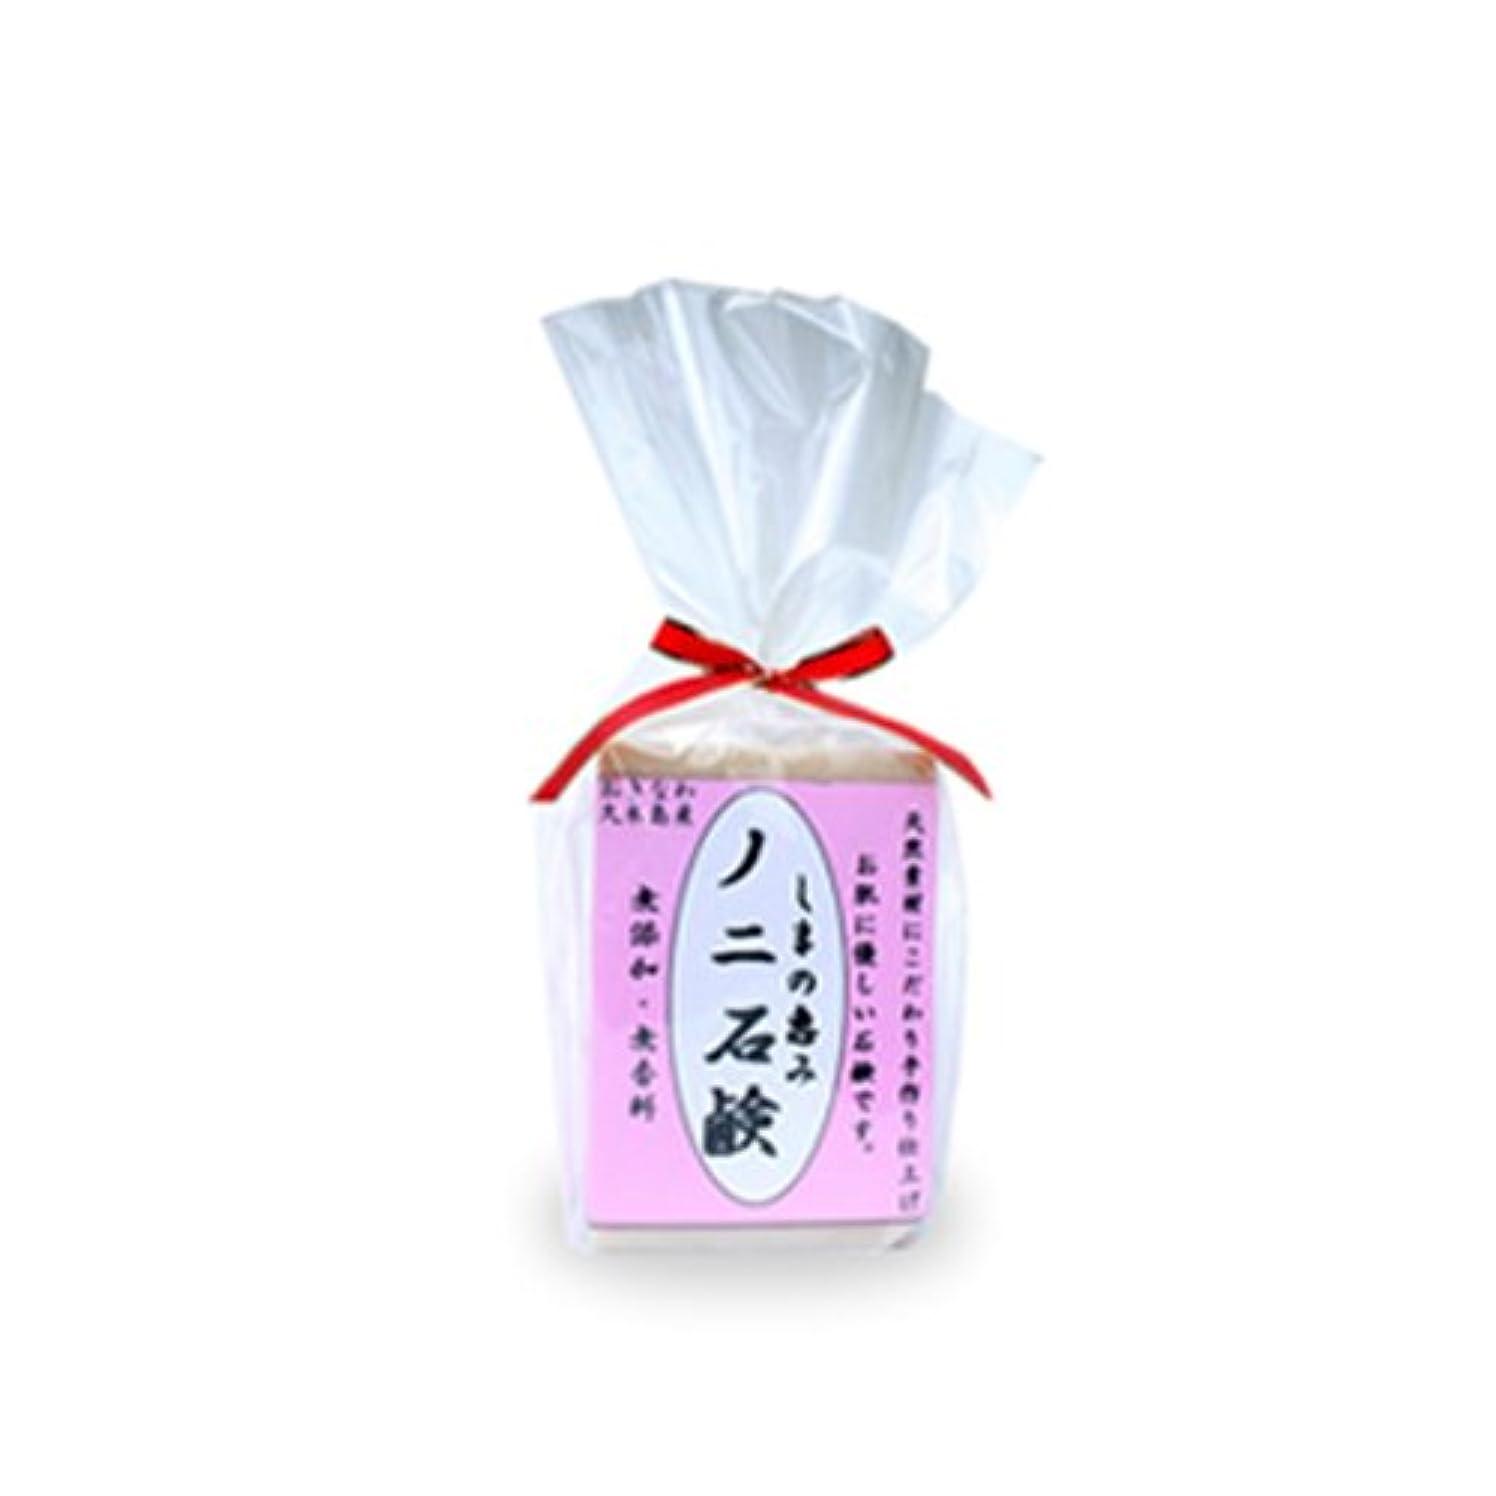 ノ二石鹸×5個 久米島物産販売 沖縄の海洋深層水ミネラルとノニを配合した無添加ソープ